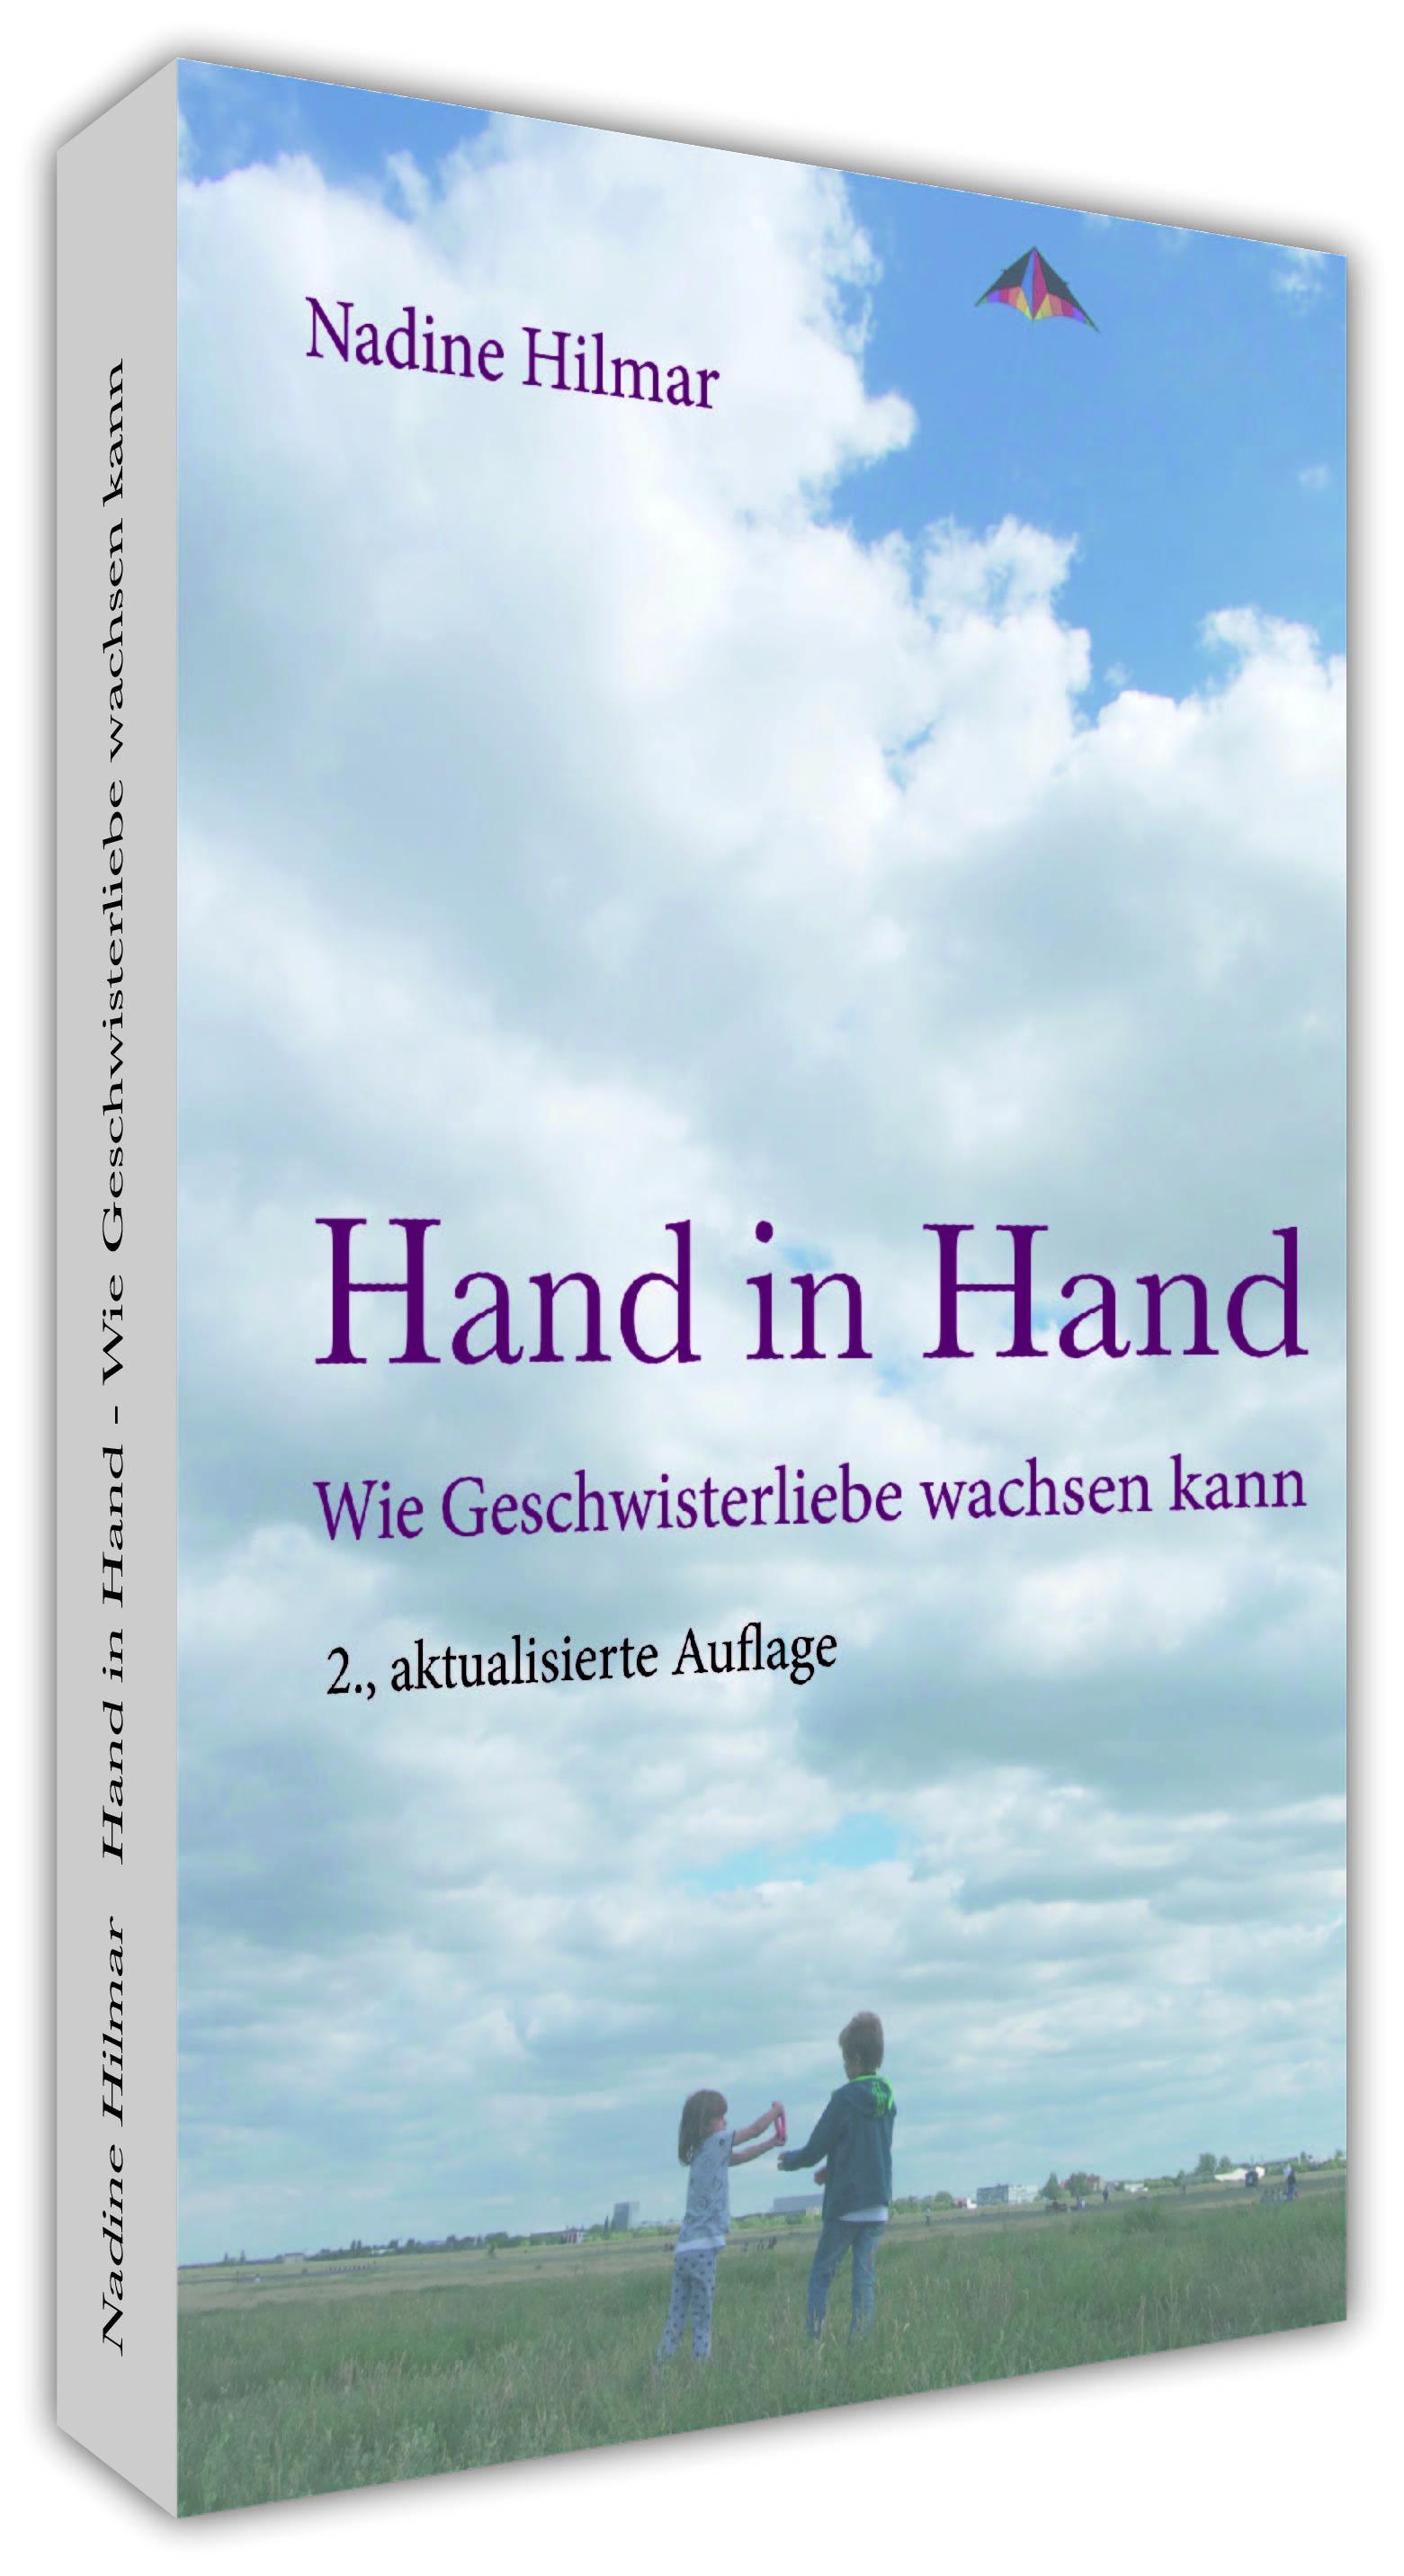 Hand in Hand – Leseprobe und Verlosung!